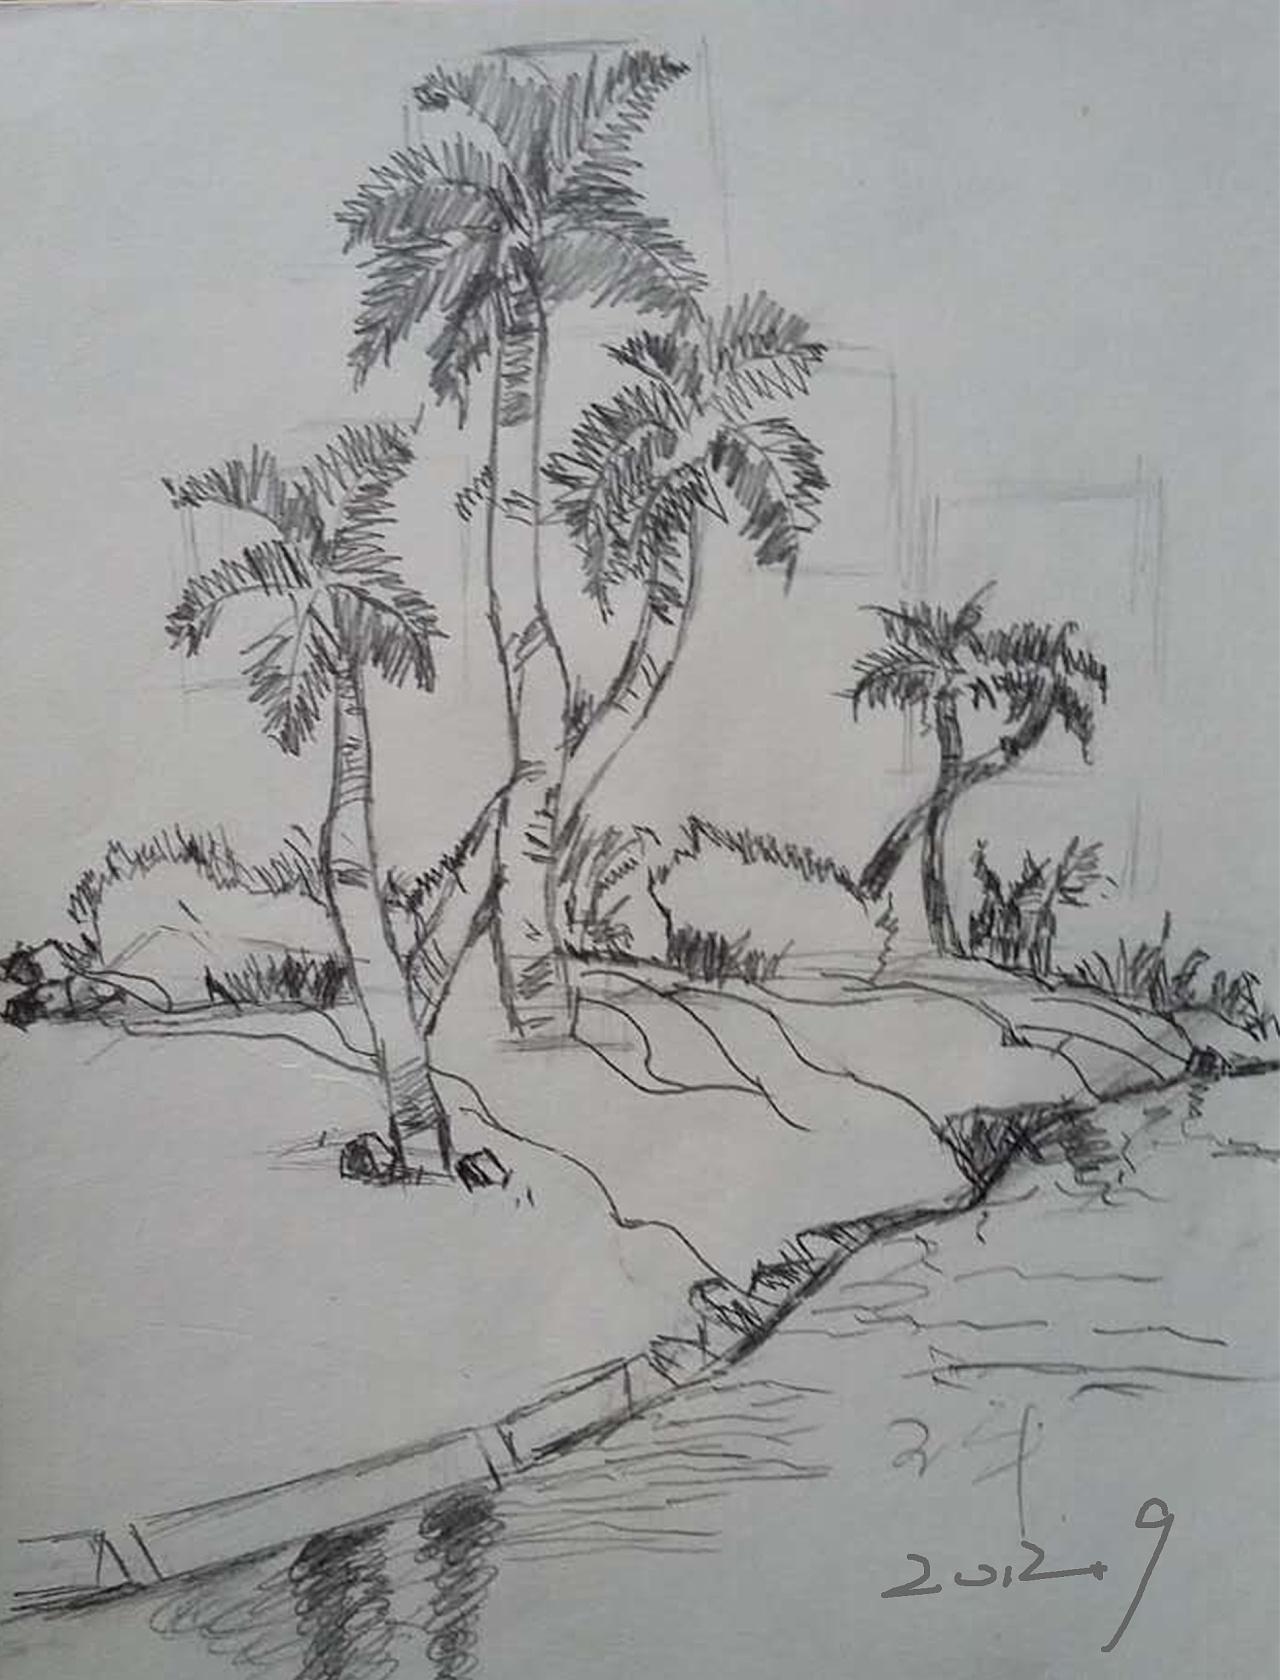 海南边椰树风景手绘速写素描图